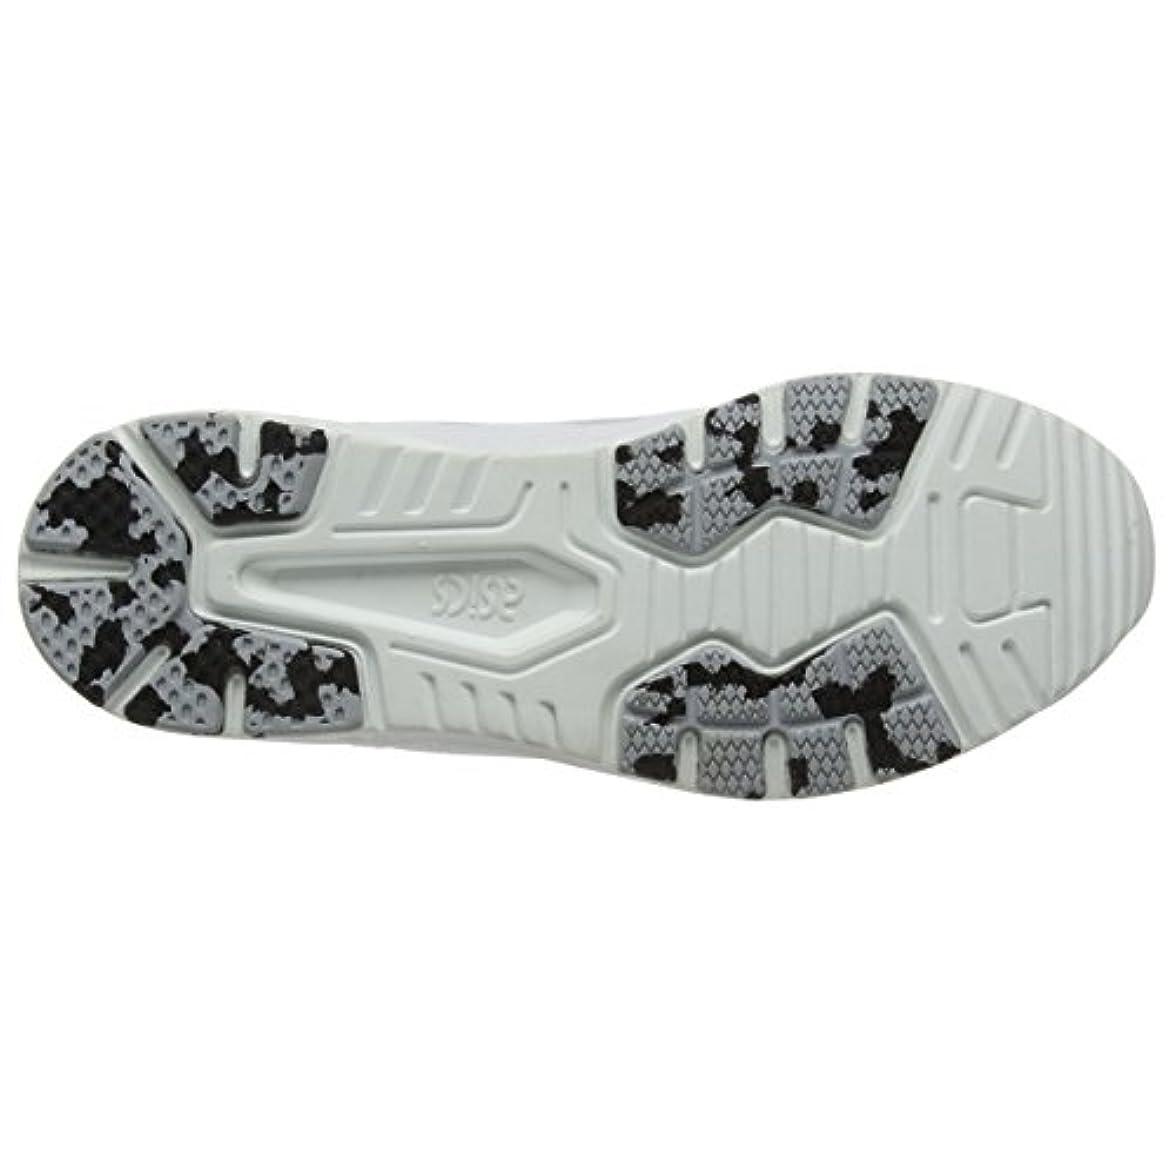 Asics - Gel-lyte Evo Sneaker Basse Unisex – Adulto